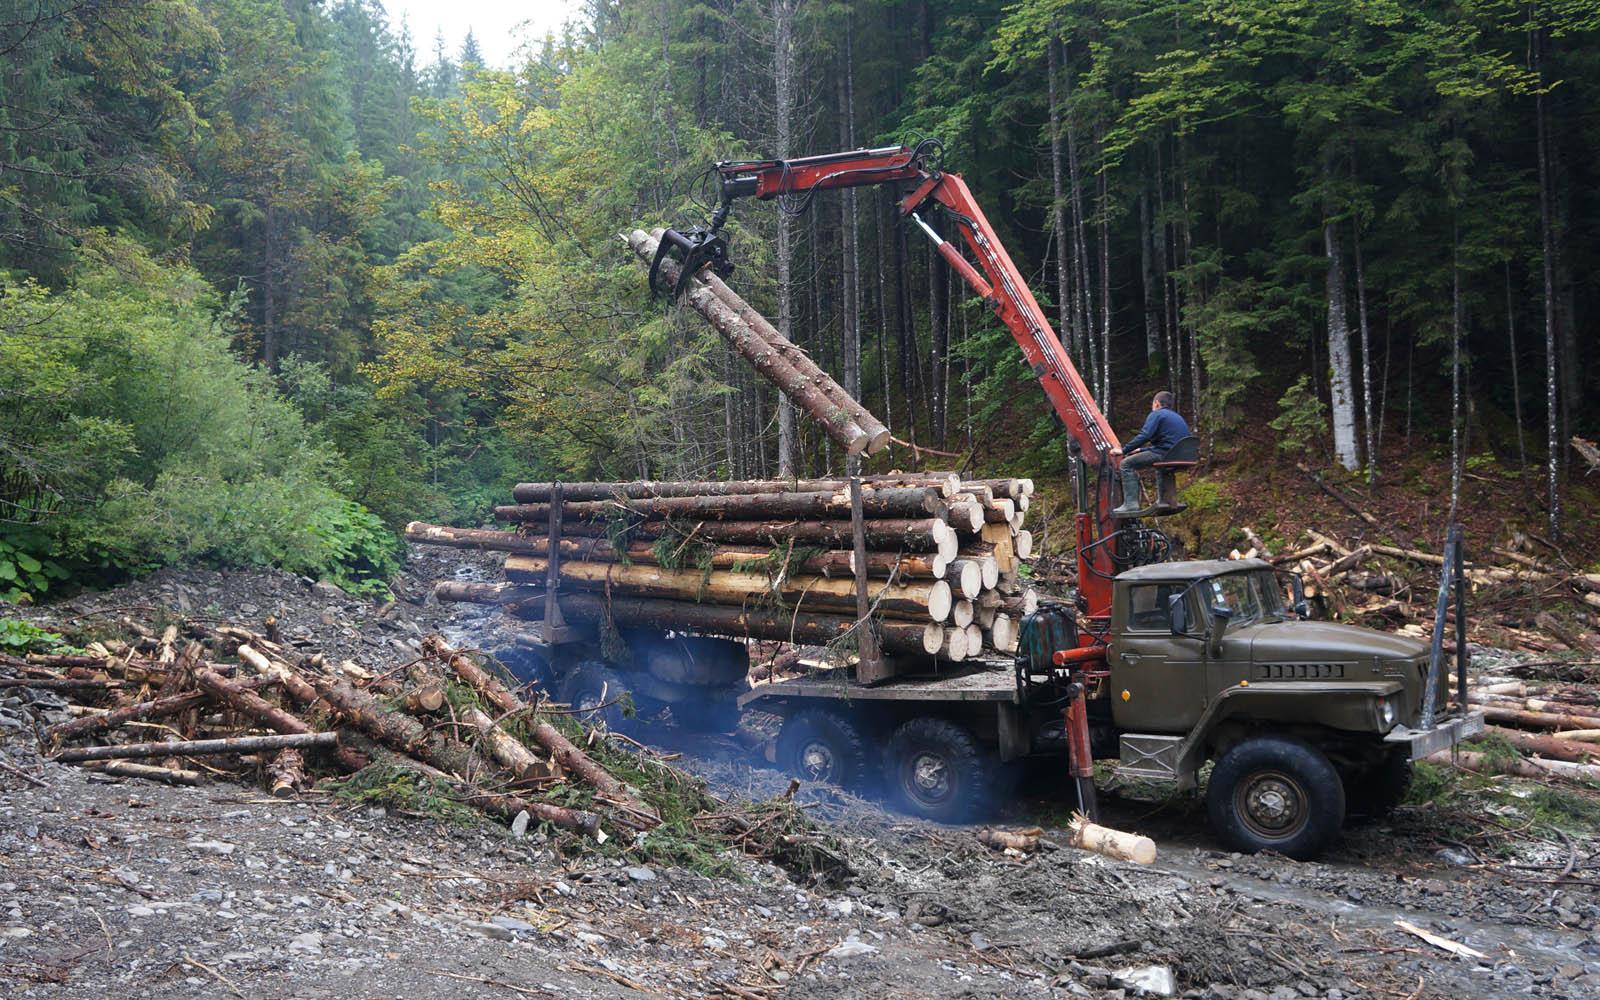 Прокуратура вимагає відшкодувати державі 225 тис. грн шкоди заподіяної при лісозаготівельних роботах